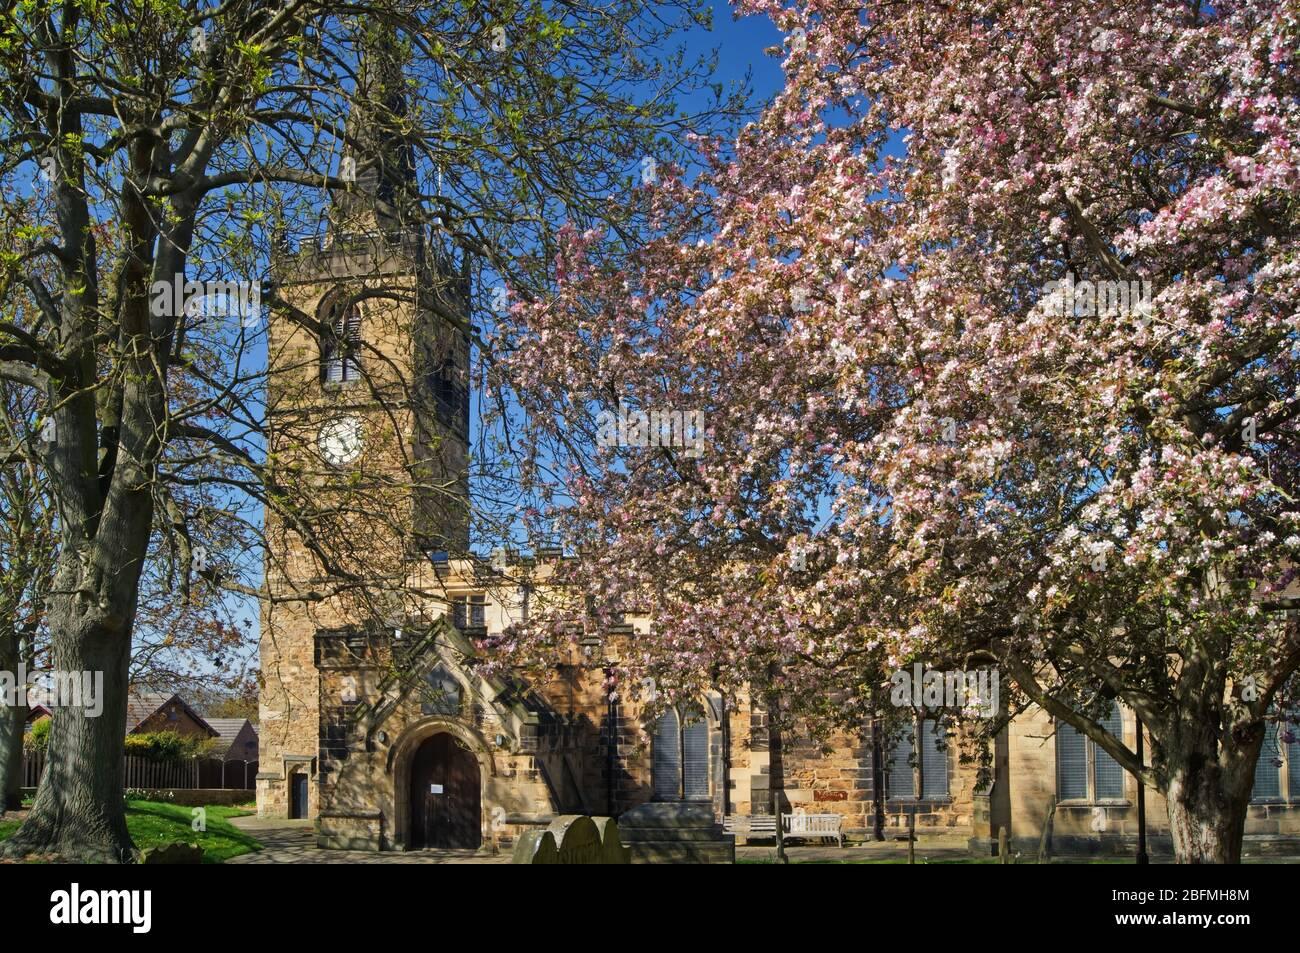 Reino Unido, South Yorkshire, Rotherham, Wath upon Dearne, Iglesia de todos los Santos Foto de stock